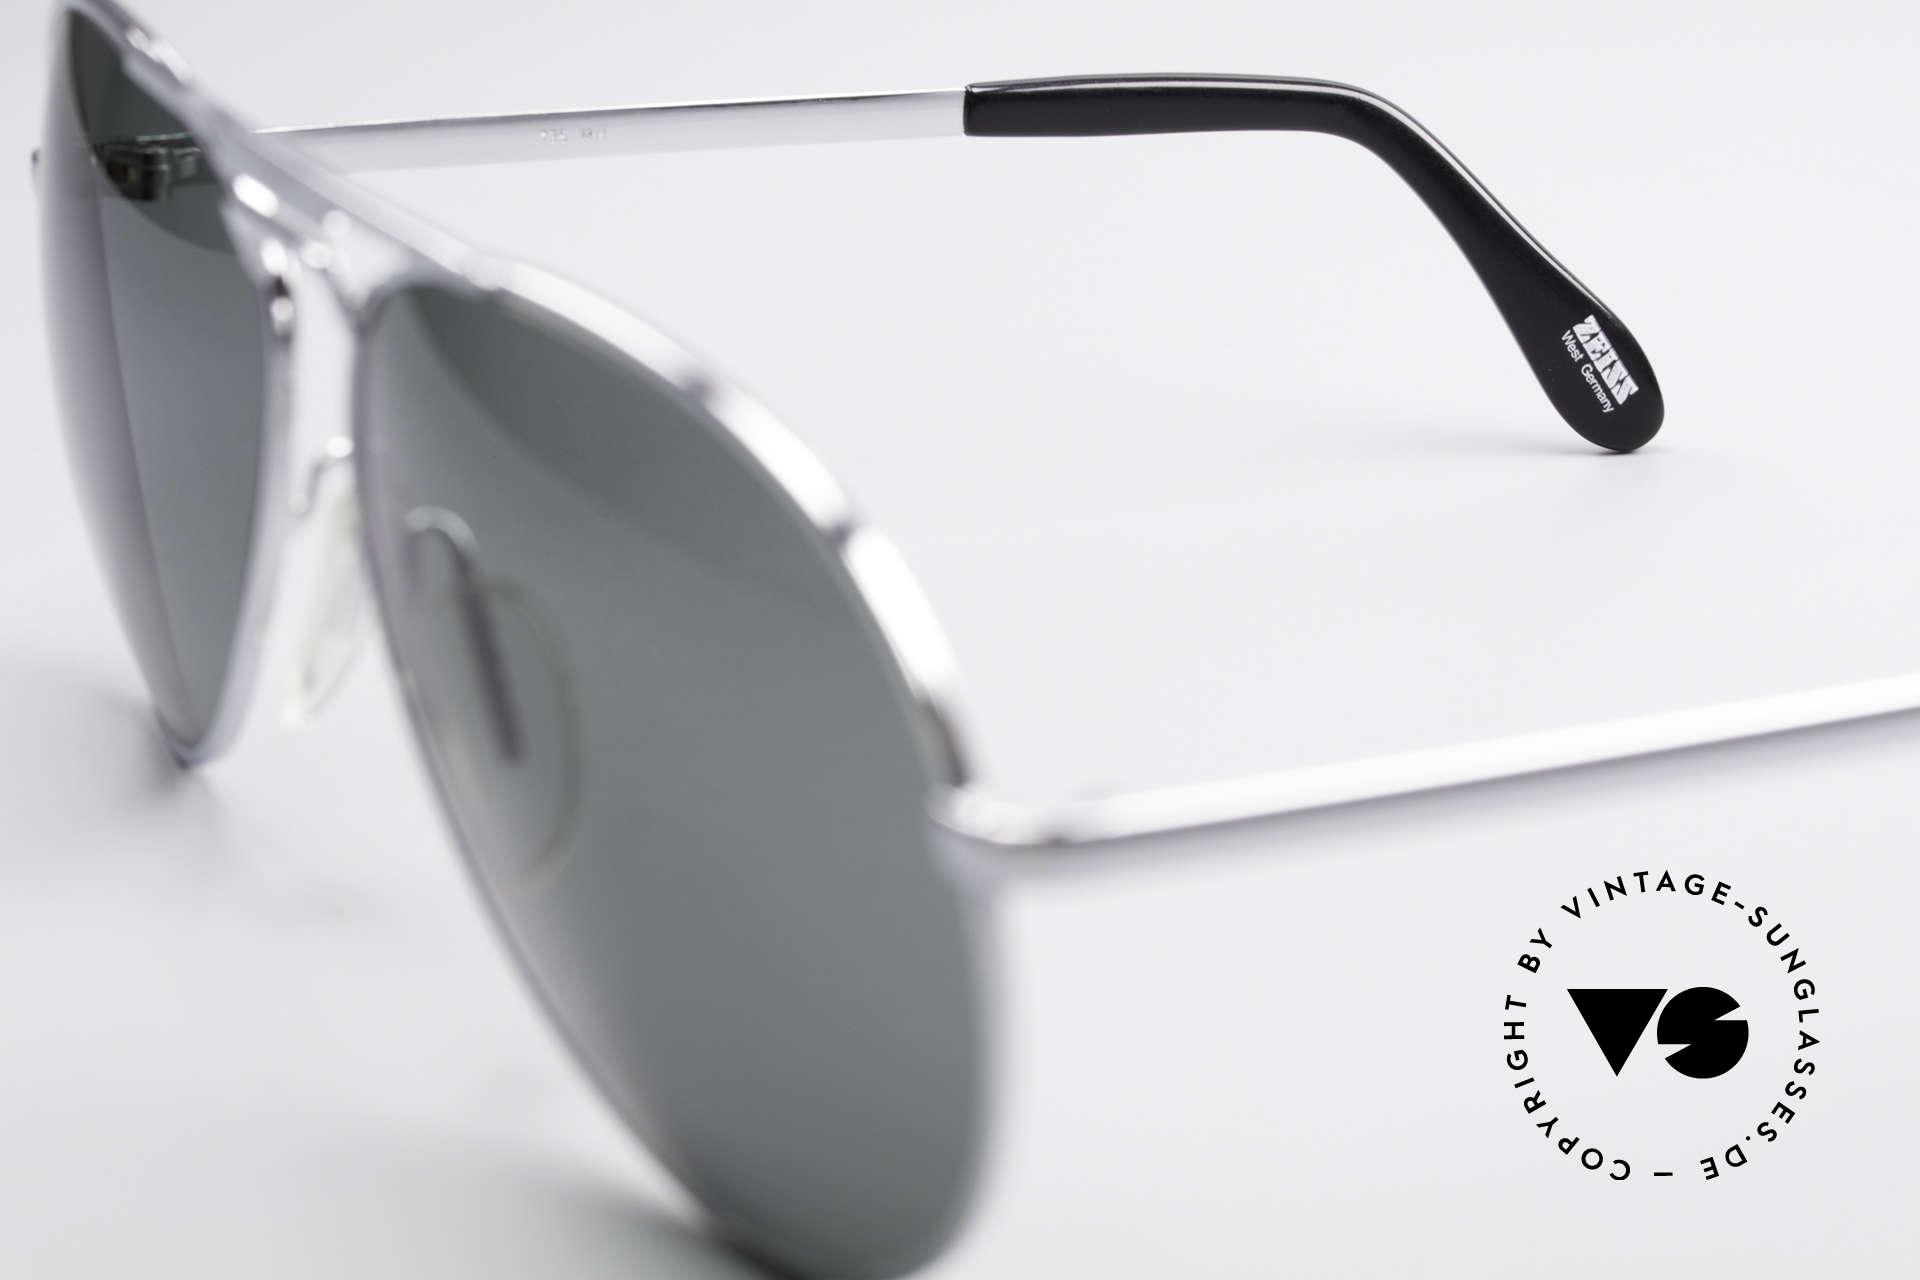 Zeiss 9075 XXL Vintage Men's Sunglasses, never worn (like all our vintage Carl Zeiss sunglasses), Made for Men